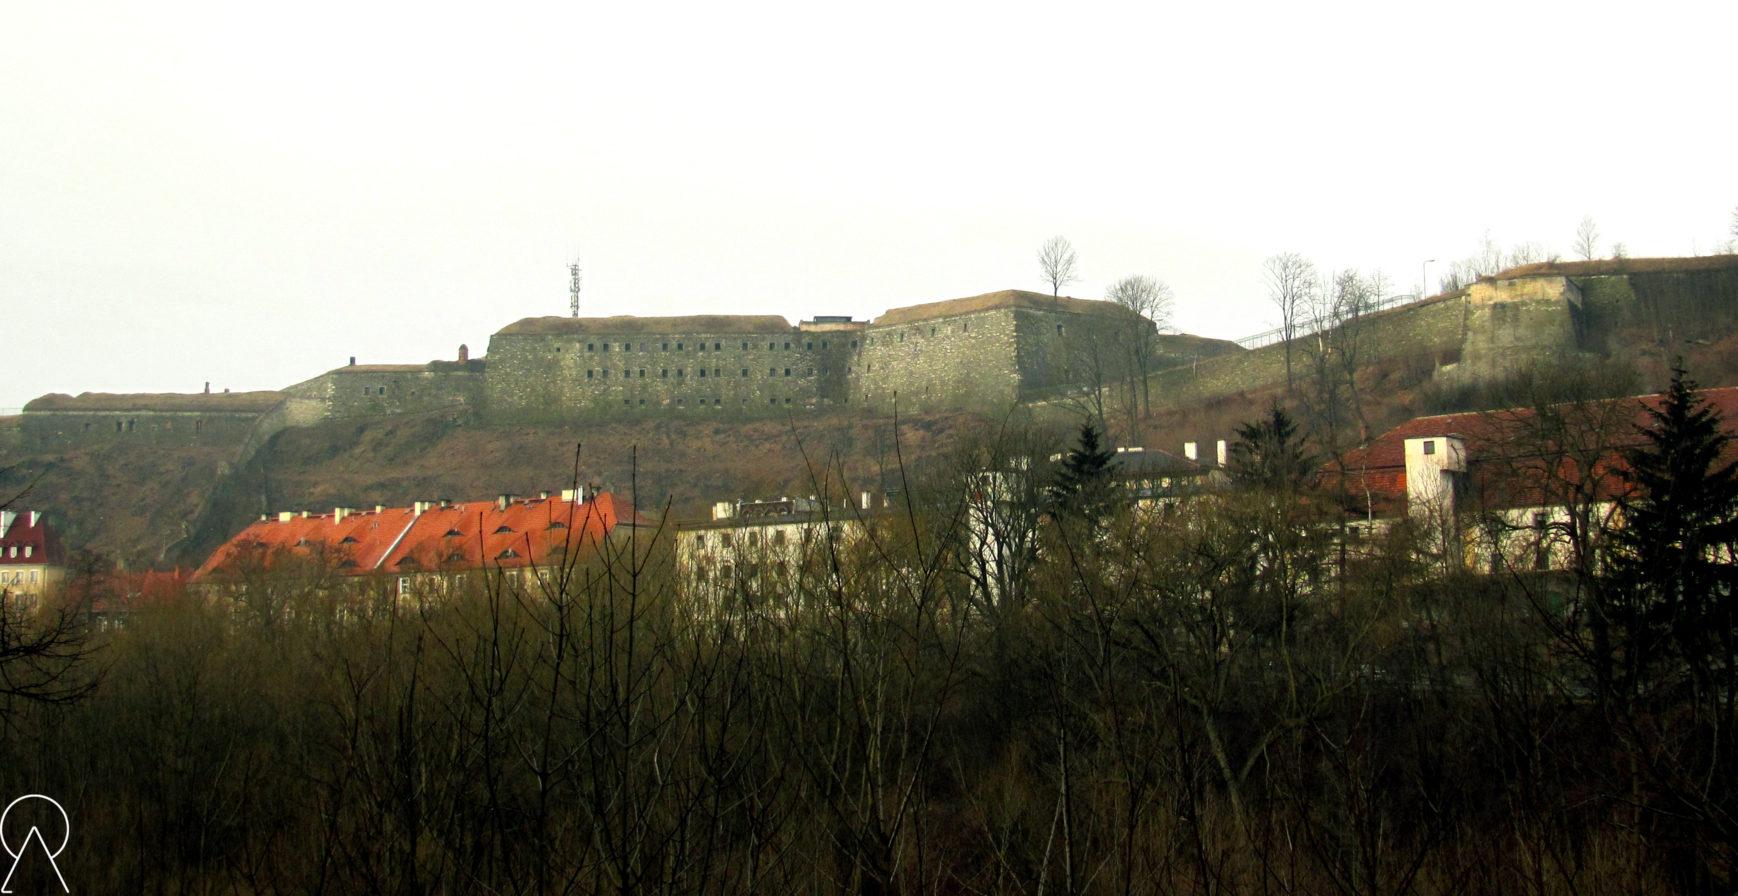 Kłodzka_Góra